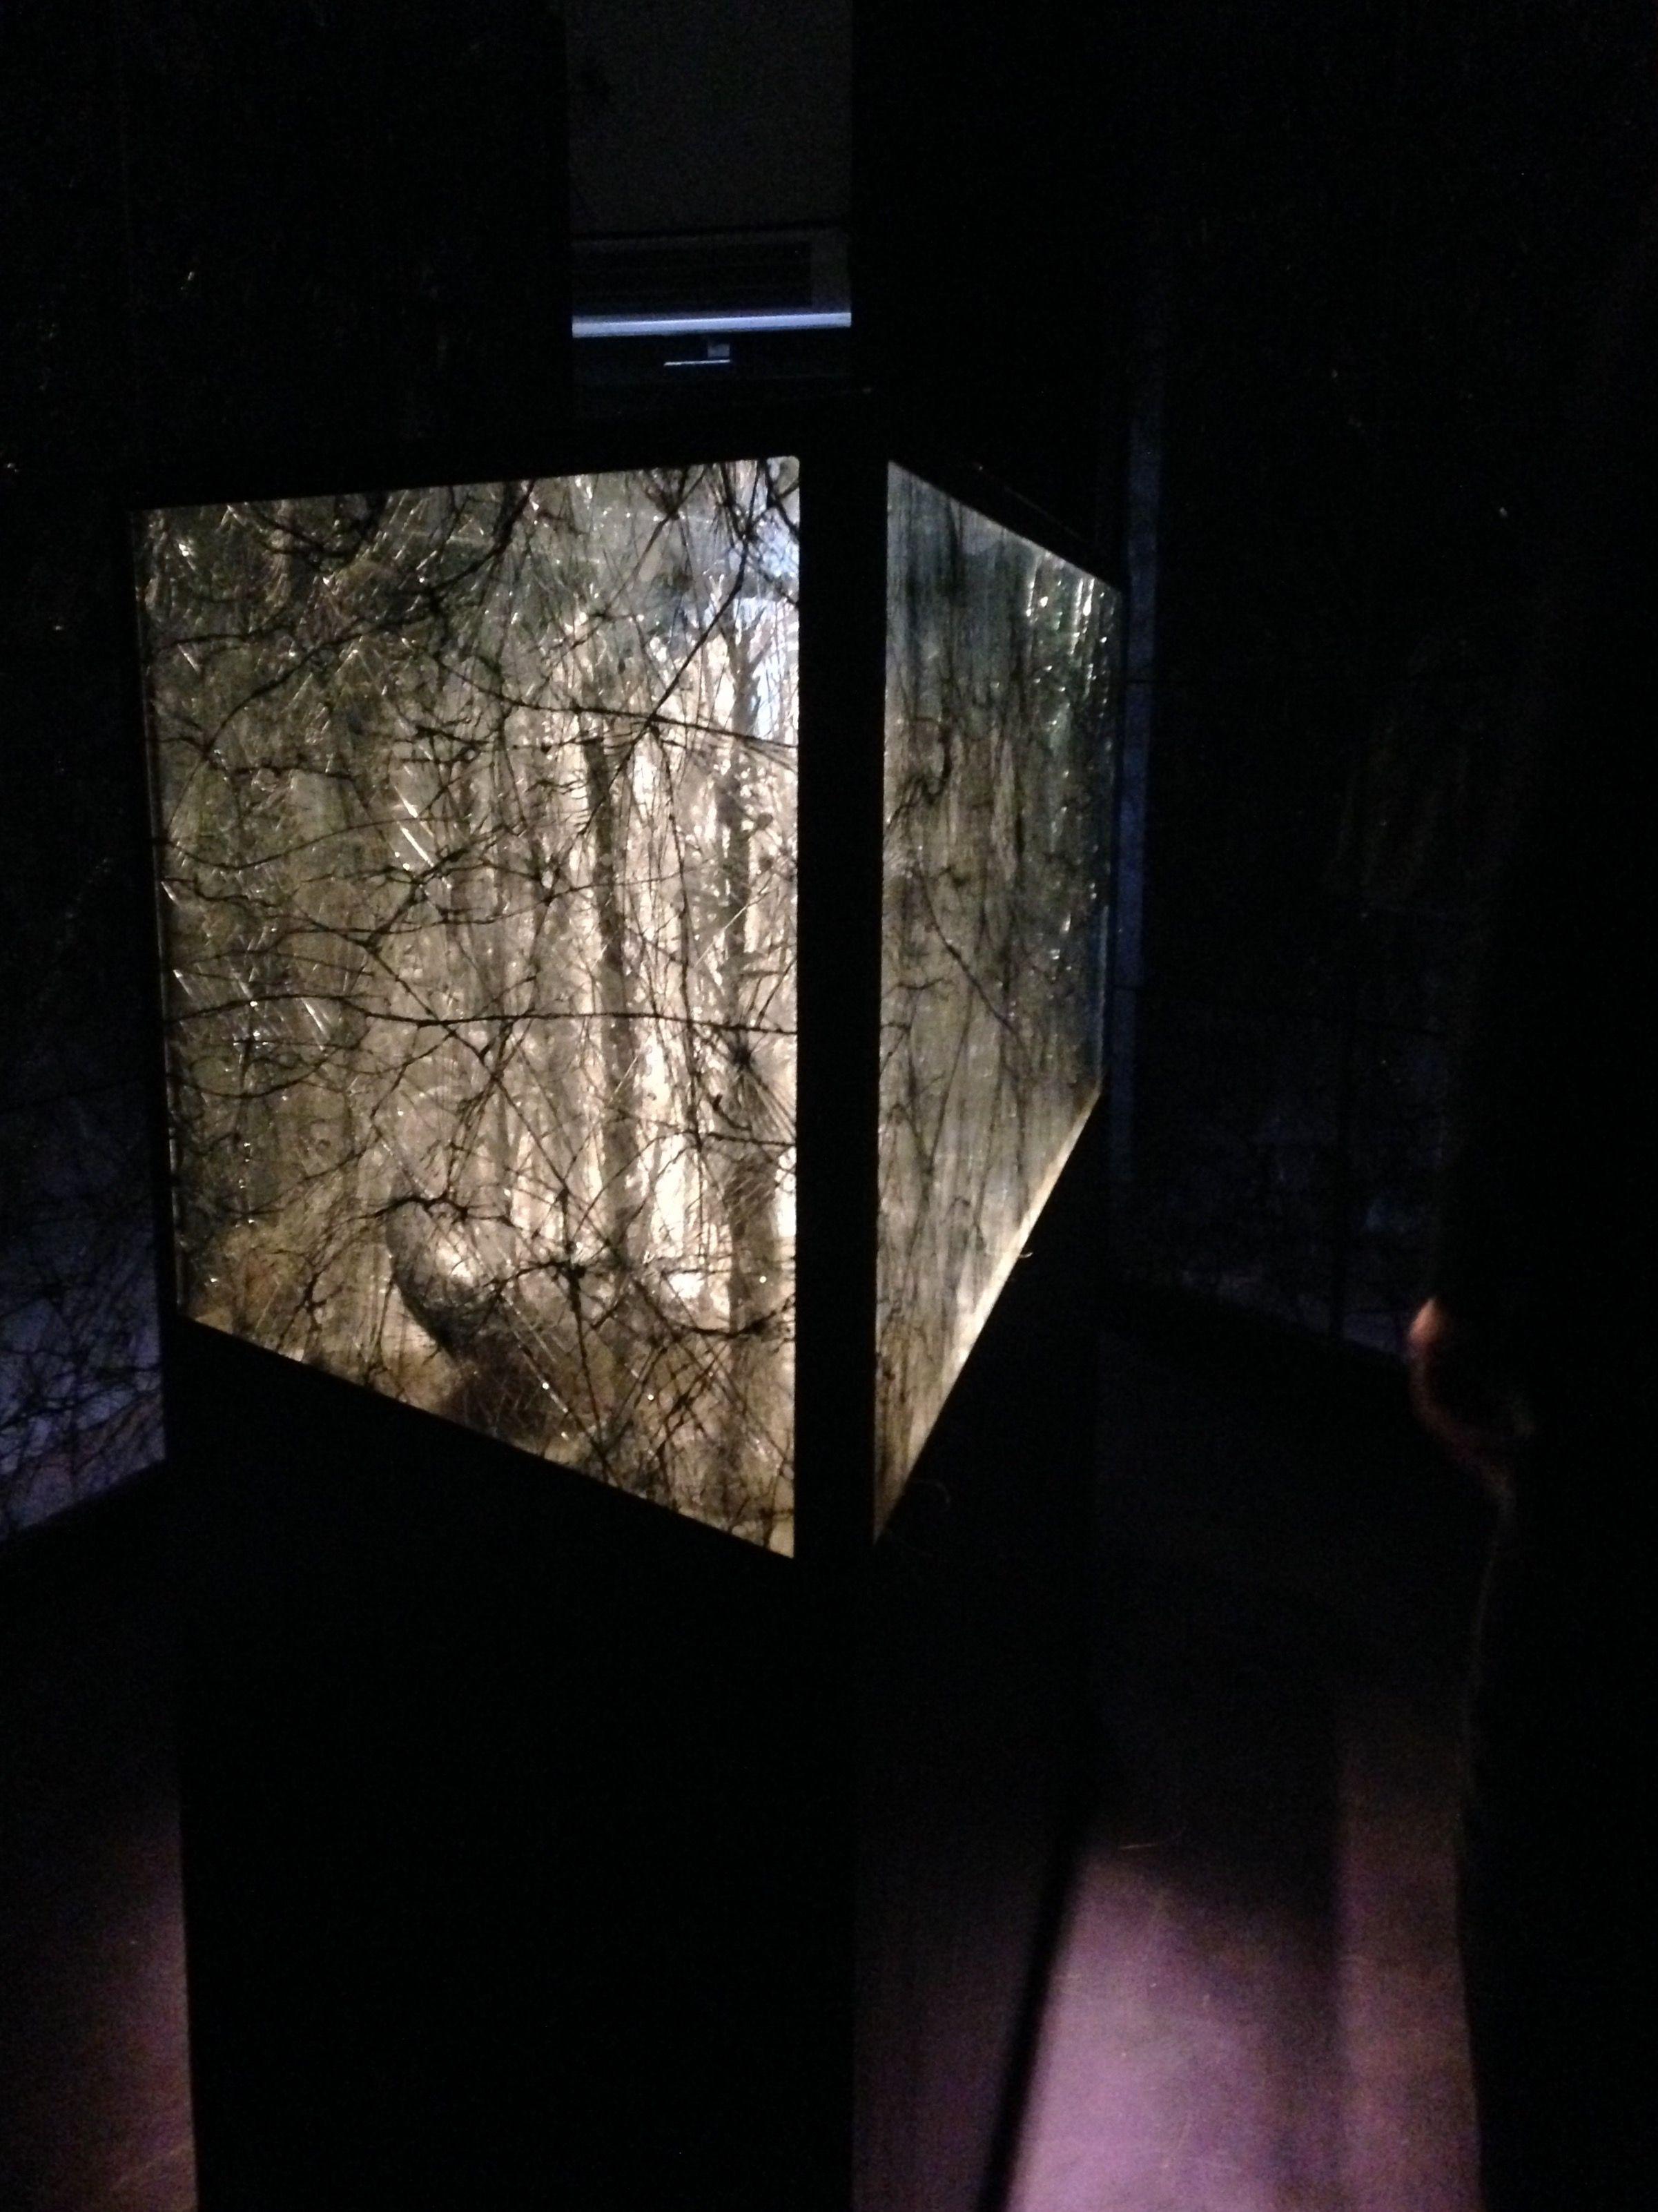 Kris Ruhs | Broken forest, 2017, Galleria Carla Sozzani, Milano